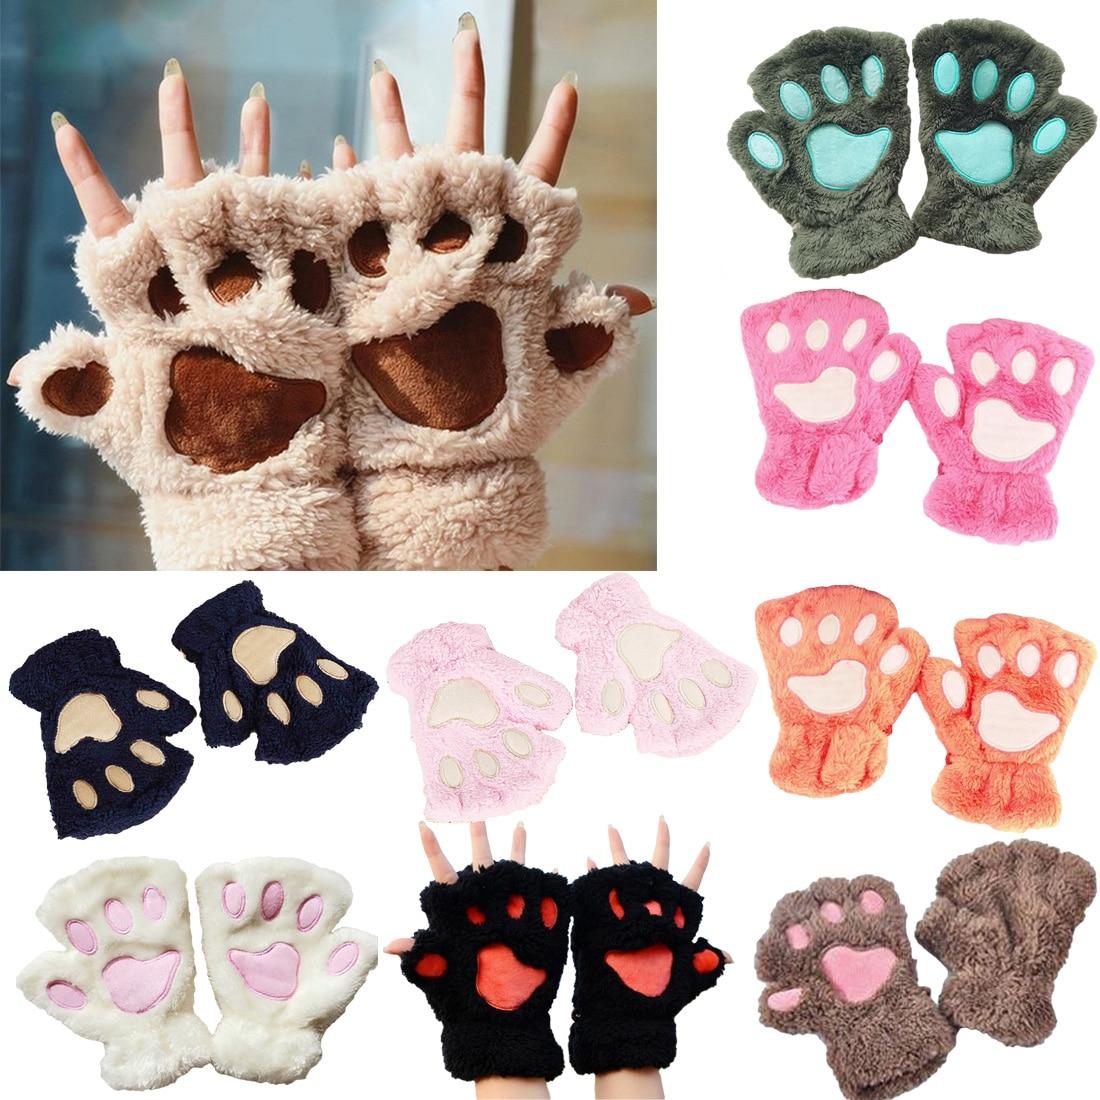 Discreet 2018 Winter Mooie Vrouwen Bear Cat Claw Paw Mitten Pluche Handschoenen Korte Vinger Half Handschoenen Dames Half Cover Vrouwelijke Handschoenen